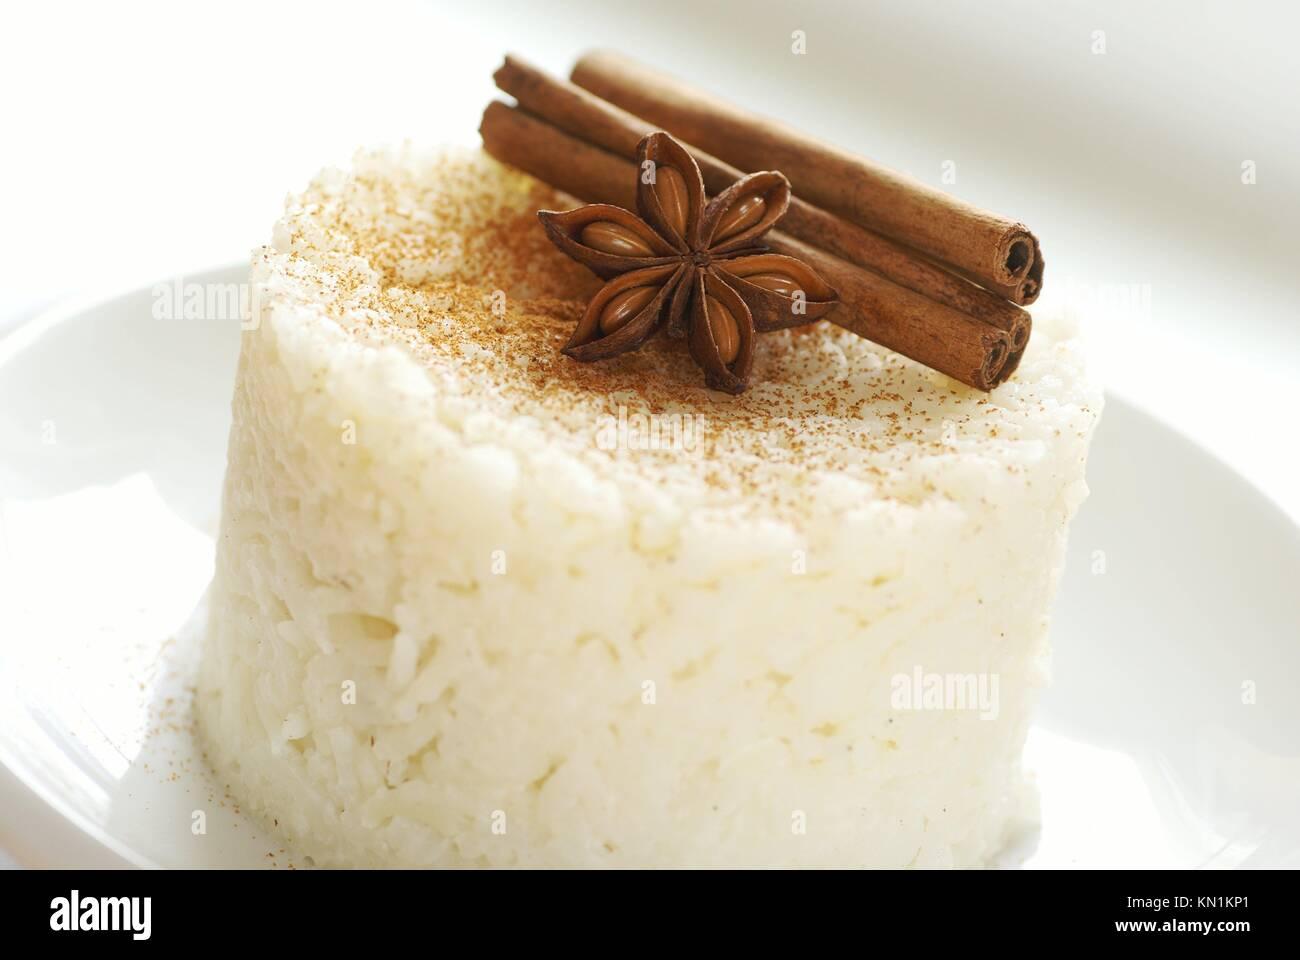 Süß Milchreis mit Zimt auf weiße Platte. Stockbild